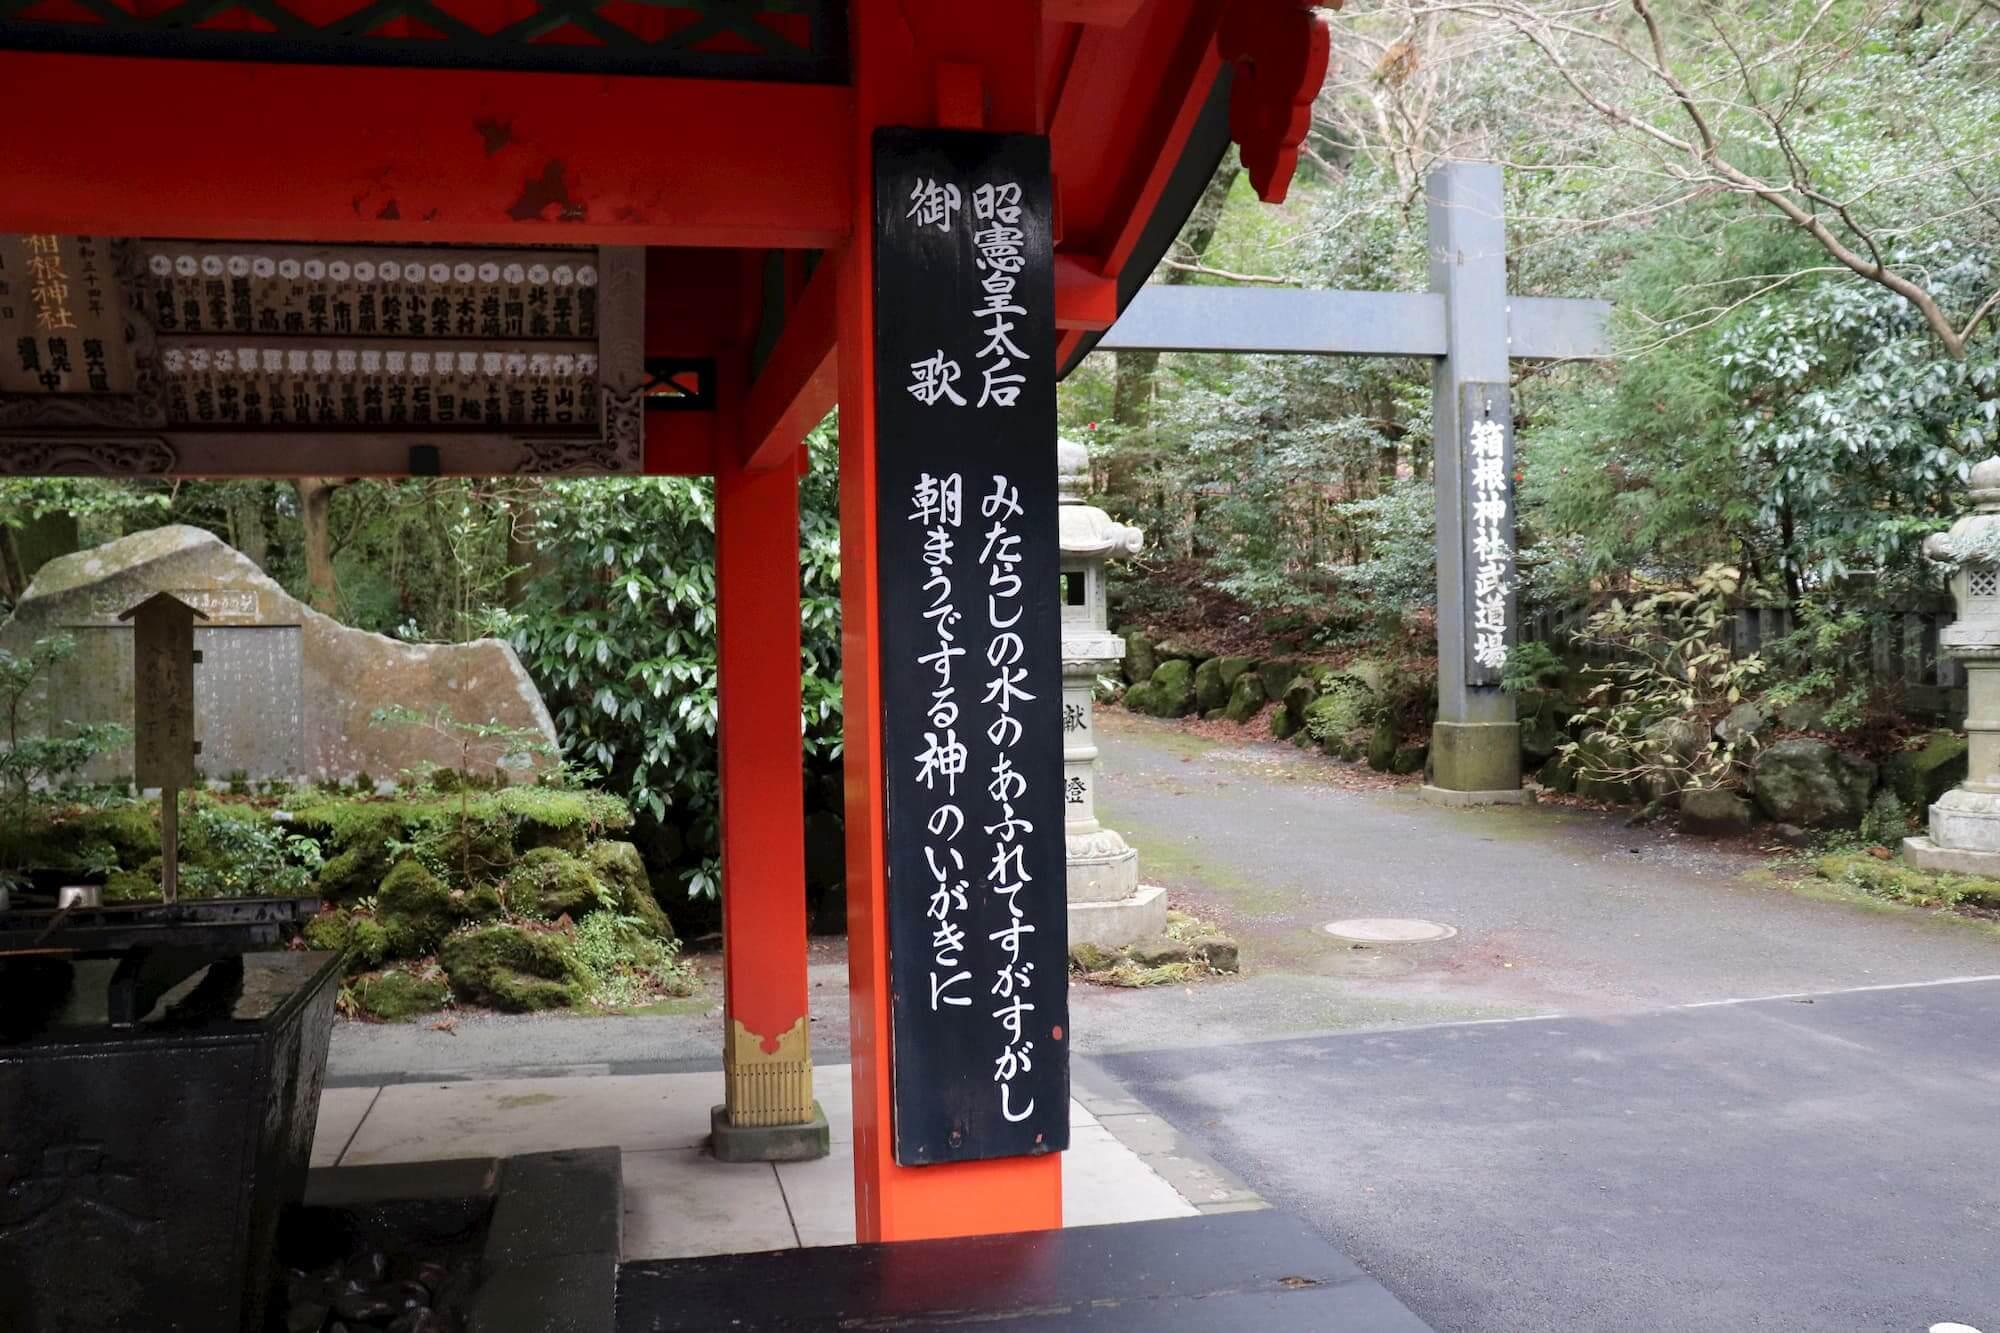 箱根神社の手水舎の明治天皇御造